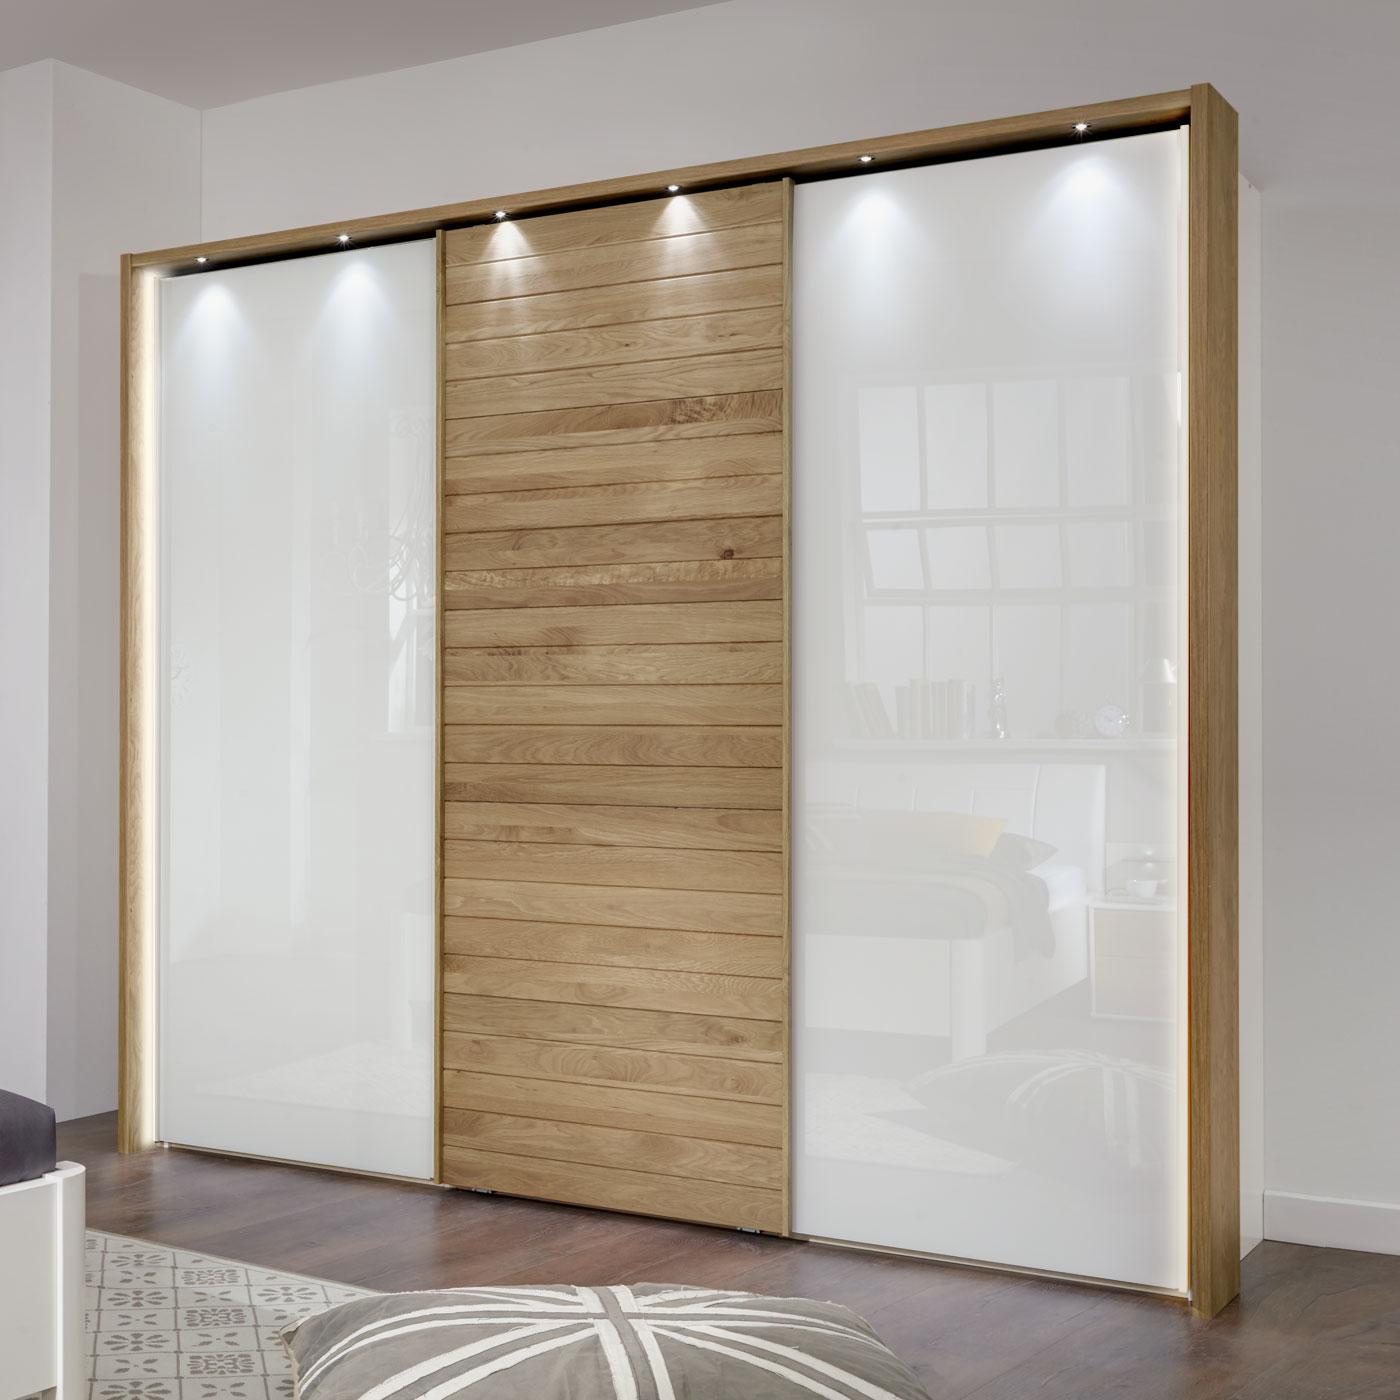 schwebet renschrank aus wei em glas und eiche massivholz. Black Bedroom Furniture Sets. Home Design Ideas